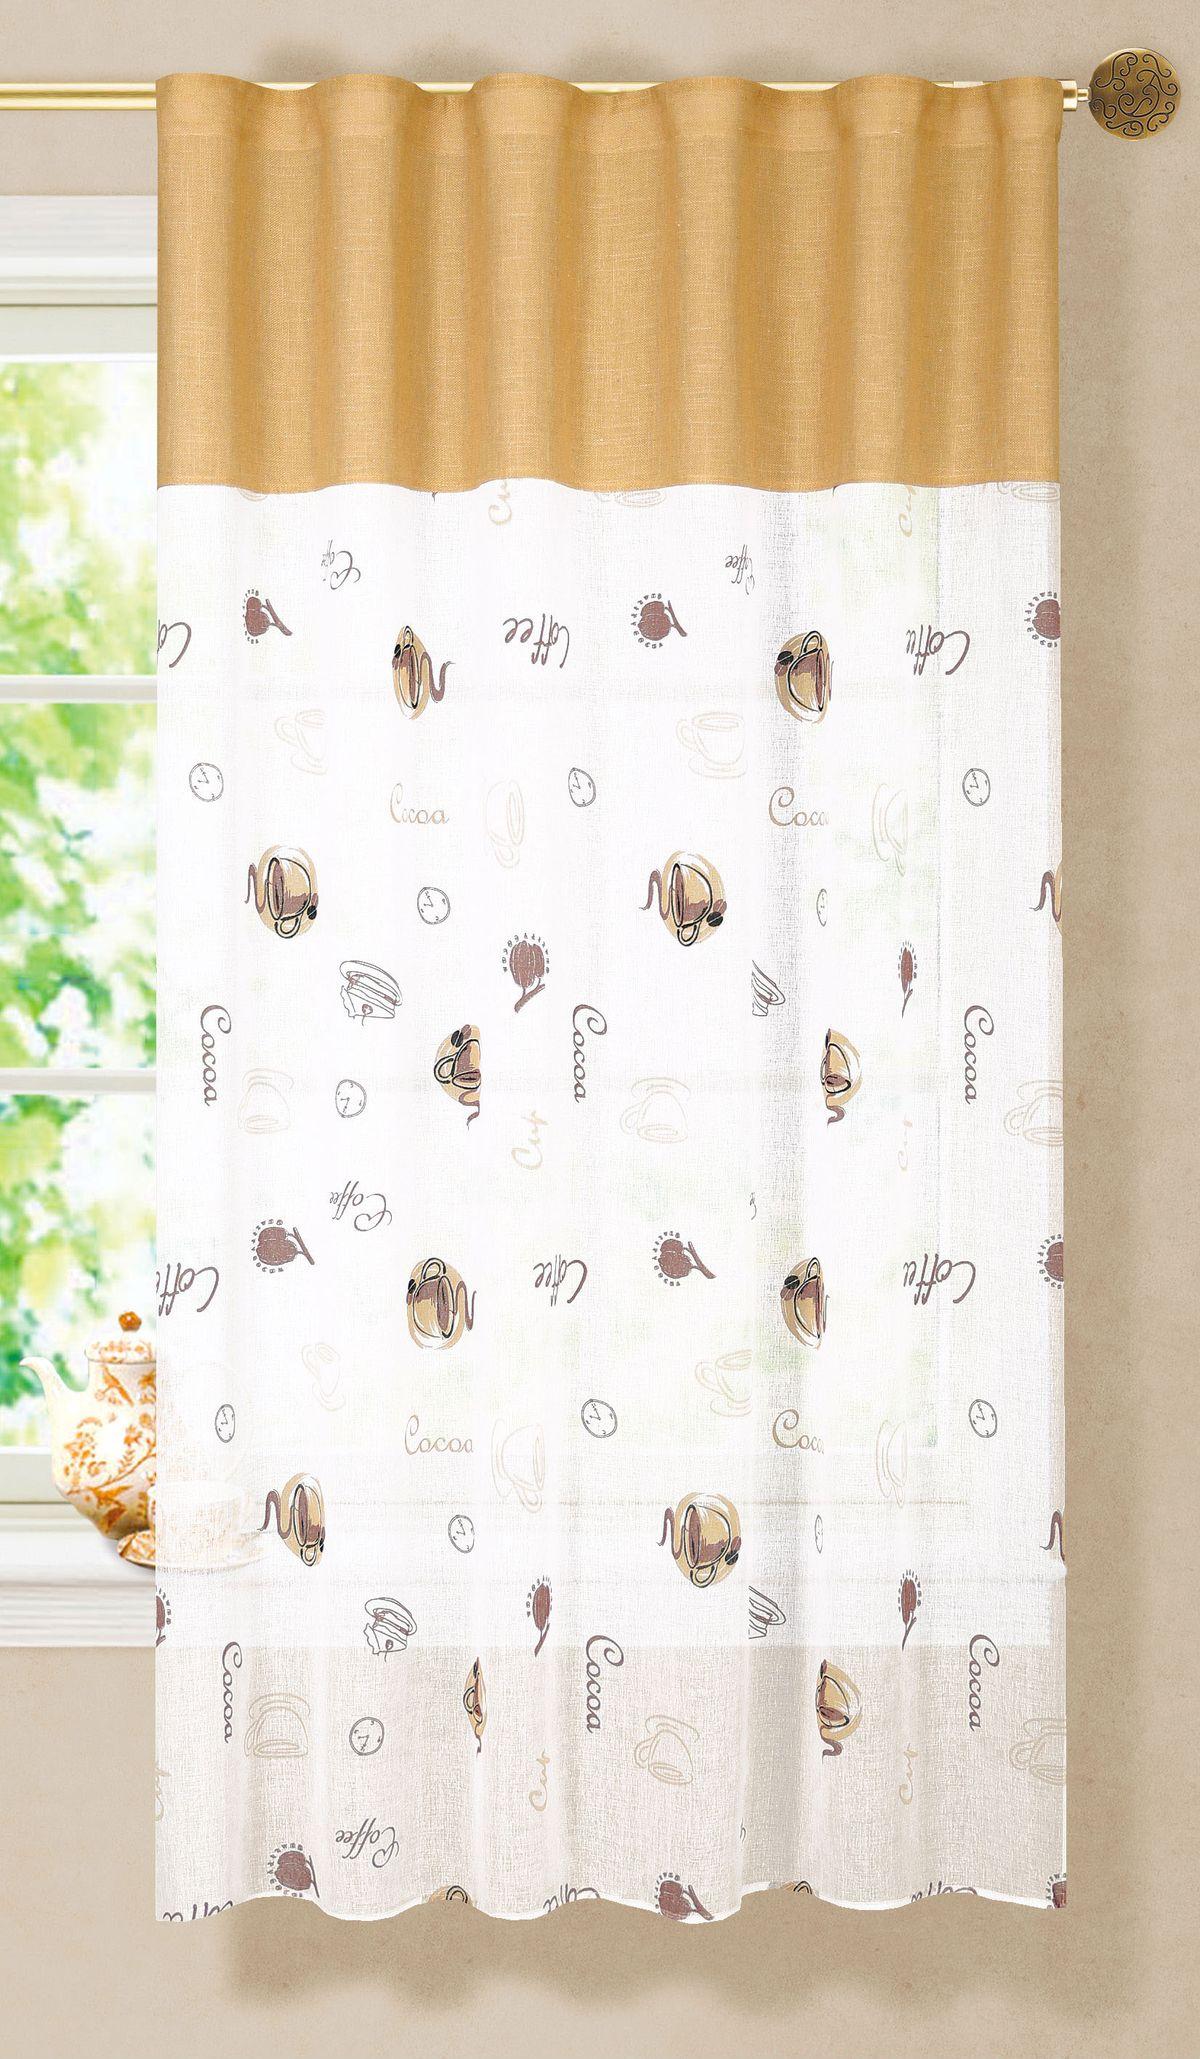 Штора готовая Garden, на ленте, цвет: белый, высота 180 см. С 6333 - W1887 - W1222 V6С 6333 - W1887 - W1222 V6Изящная штора Garden для кухни выполнена из ткани с оригинальной структурой - батист. Приятная расцветка привлечет к себе внимание и органично впишется в интерьер помещения. Штора крепится на карниз при помощи ленты, которая поможет красиво и равномерно задрапировать верх.